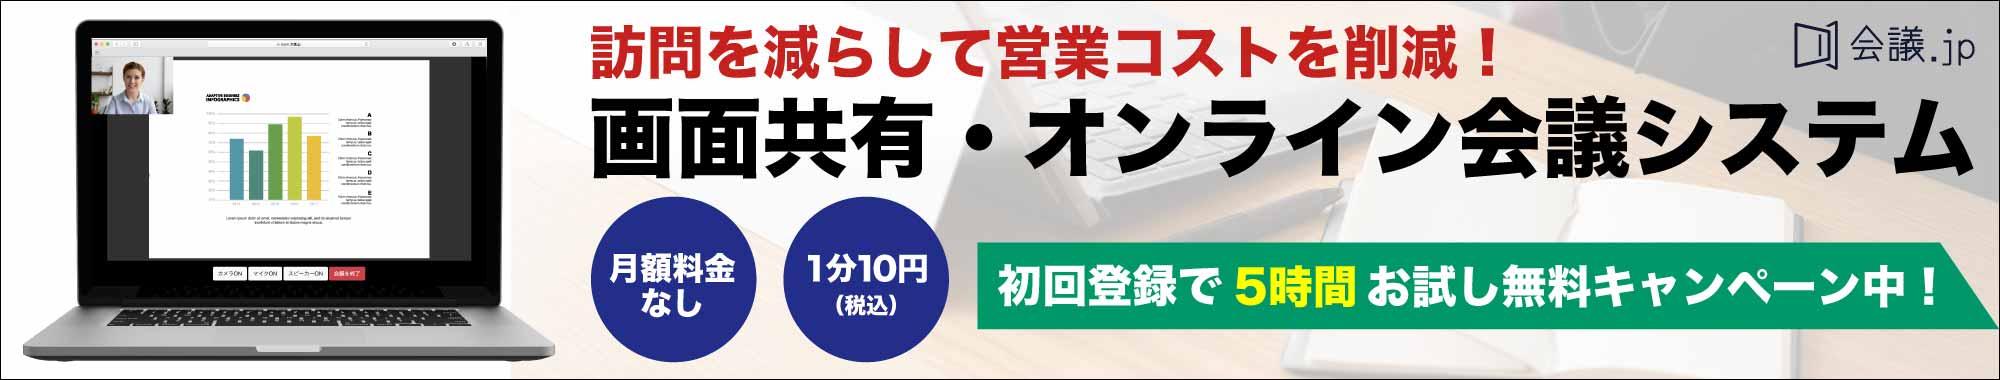 訪問を減らして営業コストを削減 画面共有・オンライン会議システム「会議.jp」1分10円(税込)、月額料金なし、初回登録で5時間お試し無料!